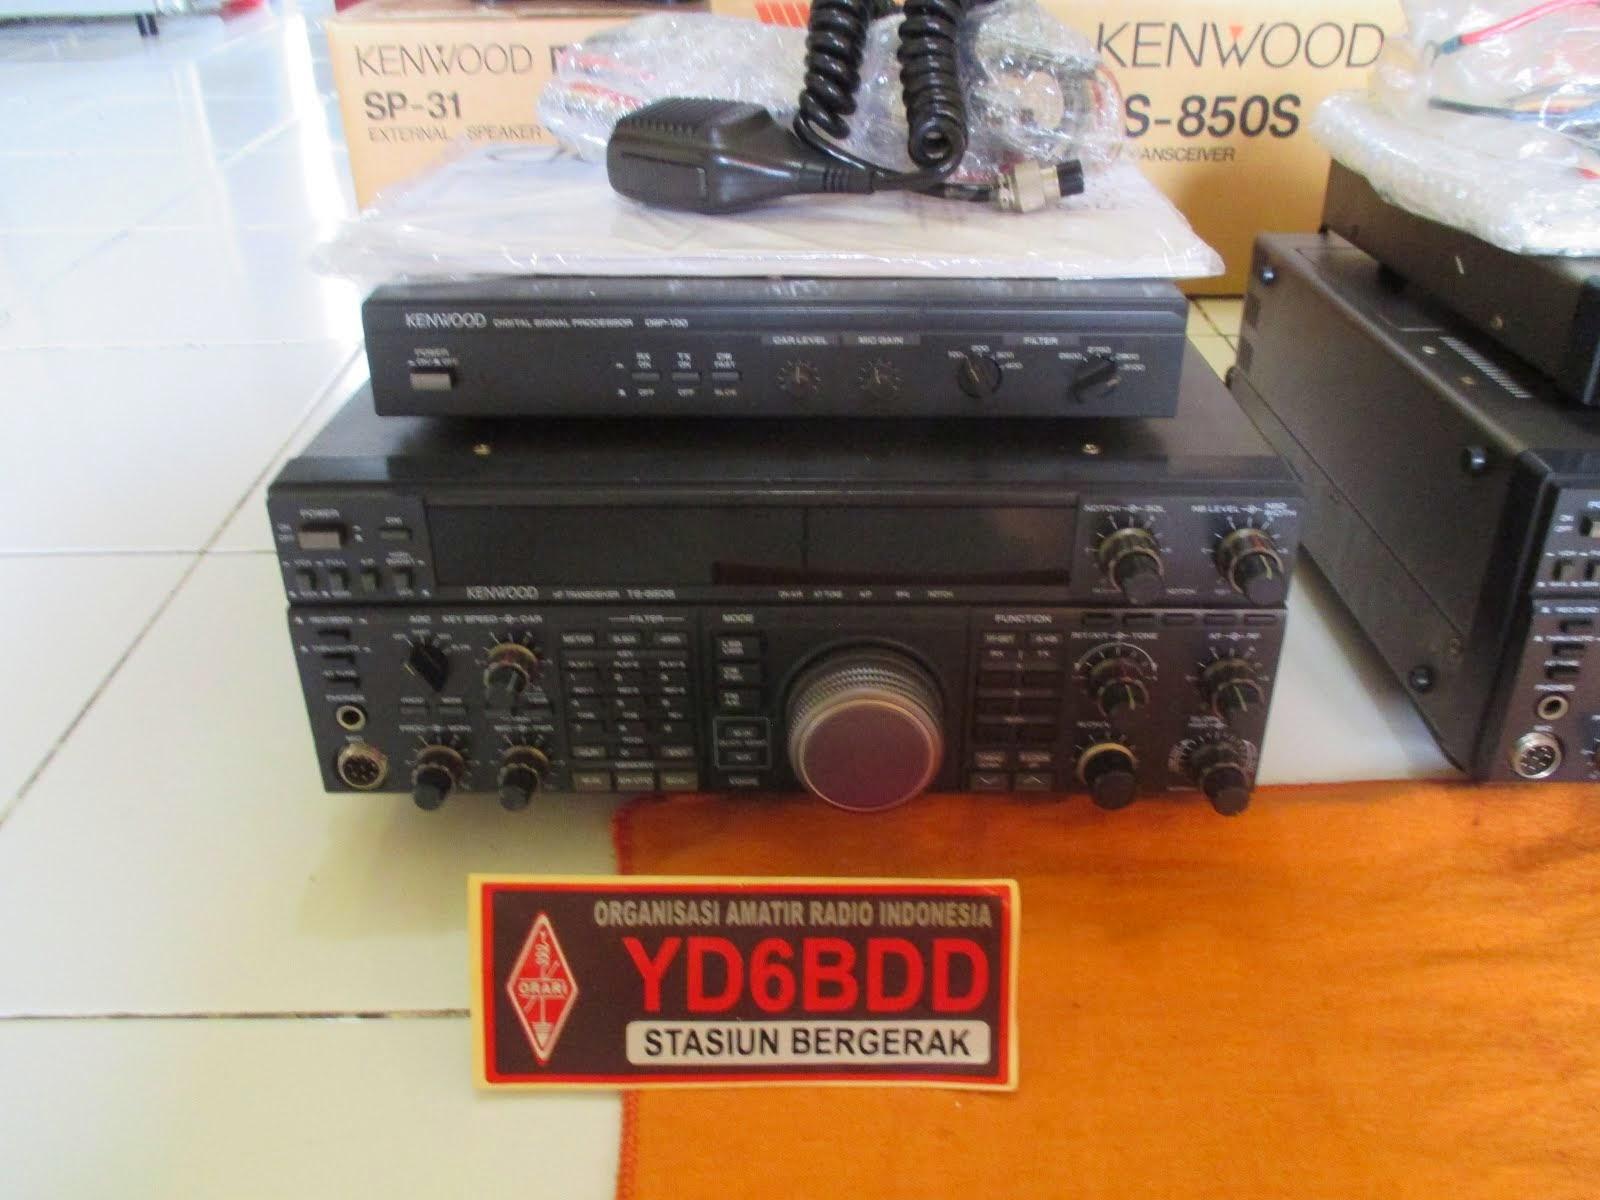 KENWOOD TS850s AT s/n 2 + BOOK MANUAL (Ts850sAT+DSP100) KE 1